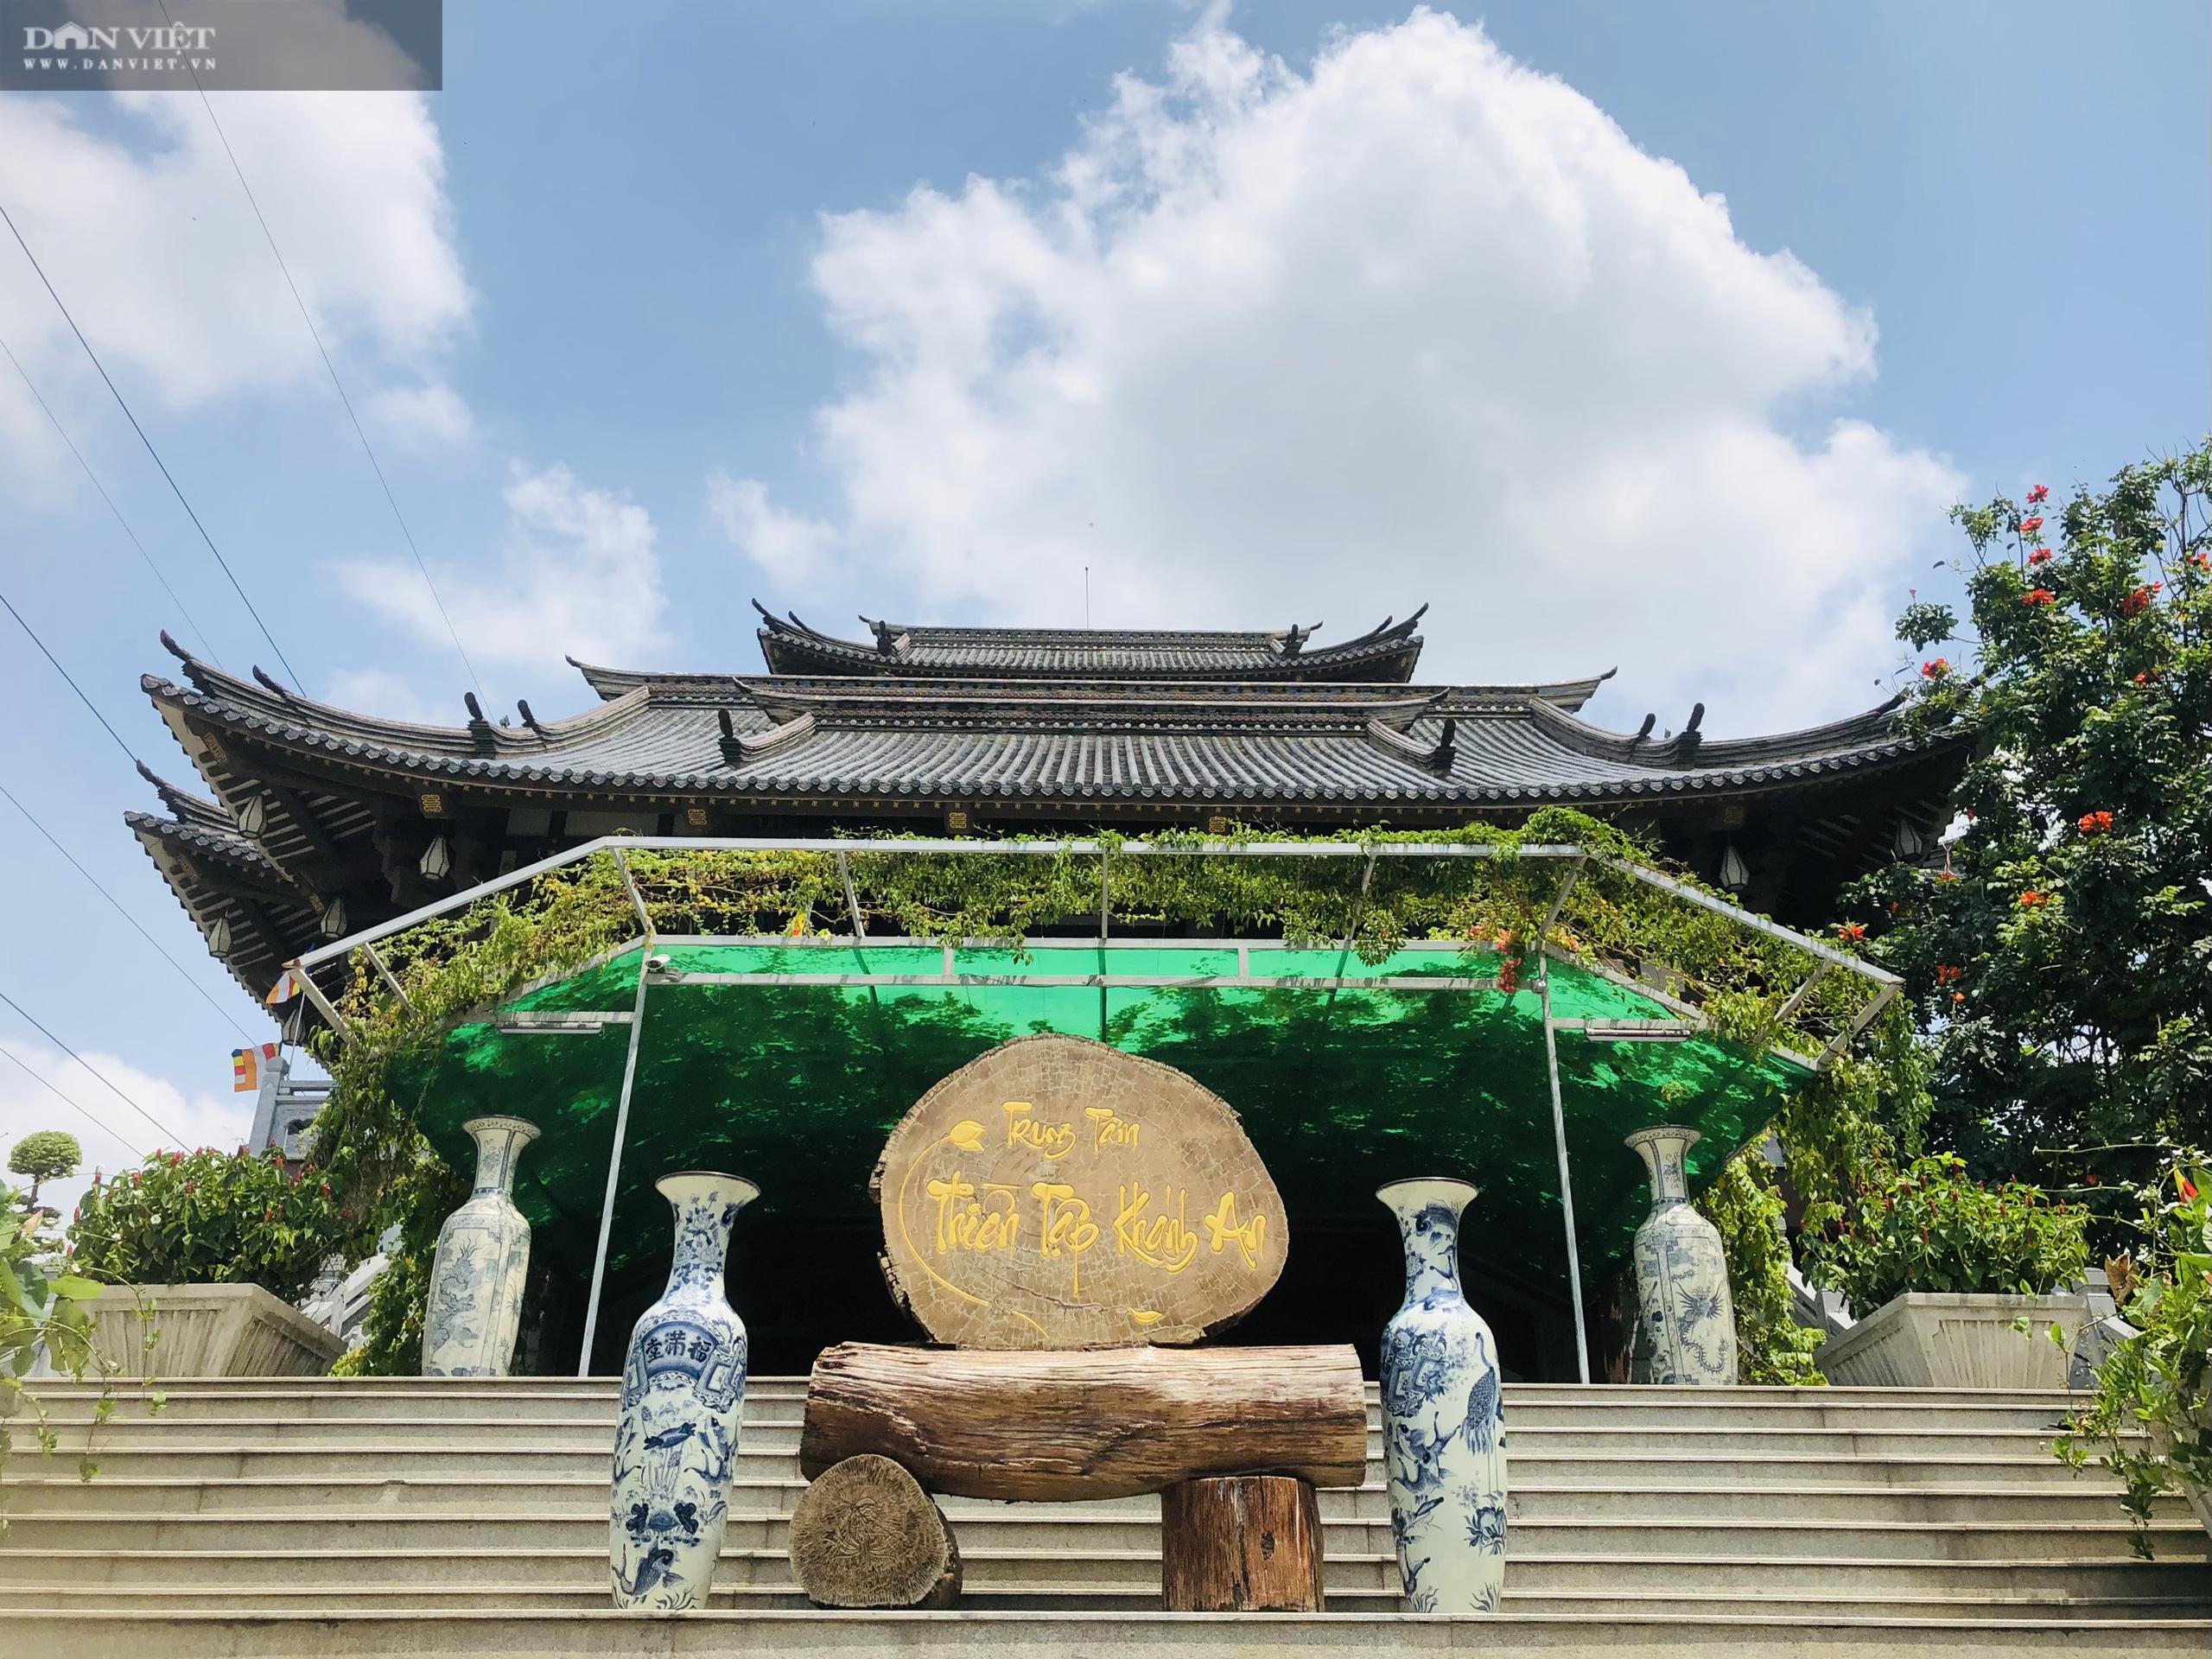 Tu viện Khánh An – dấu ấn lịch sử hào hùng của thành phố Hồ Chí Minh - Ảnh 3.